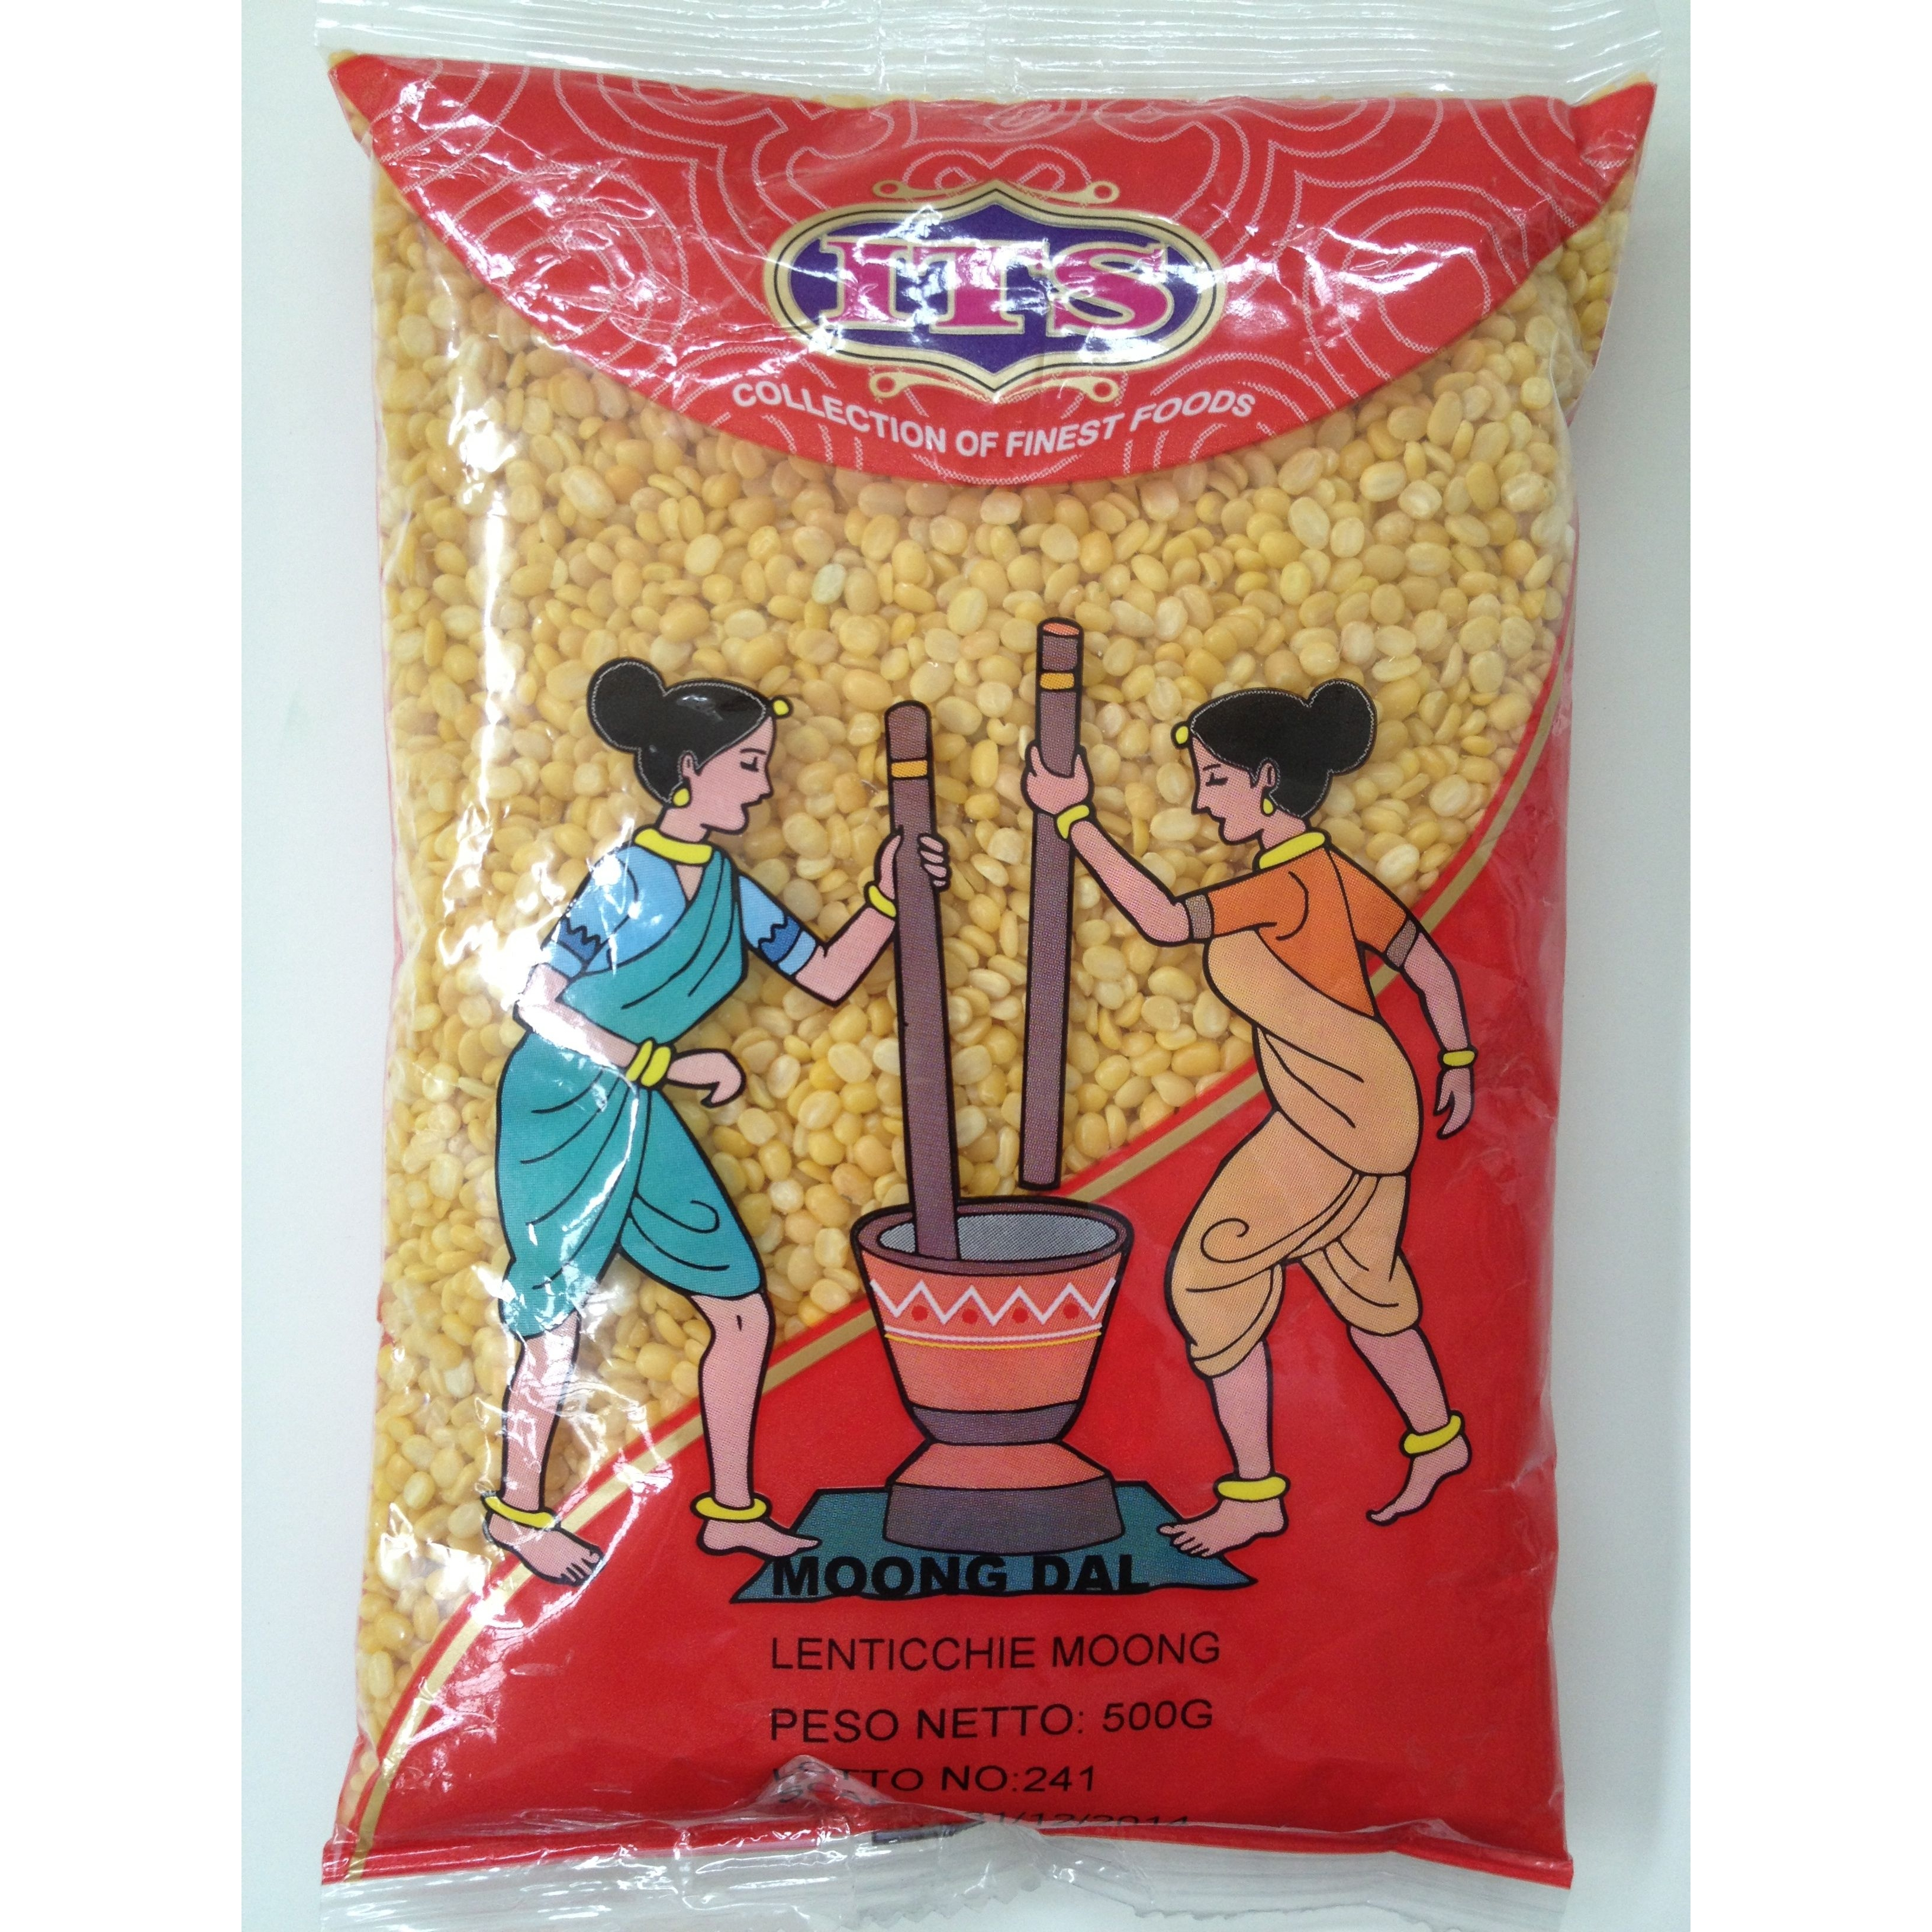 lenticchie rosse moong dal indiane   cucina indiana - Cuscino Con Lenticchie